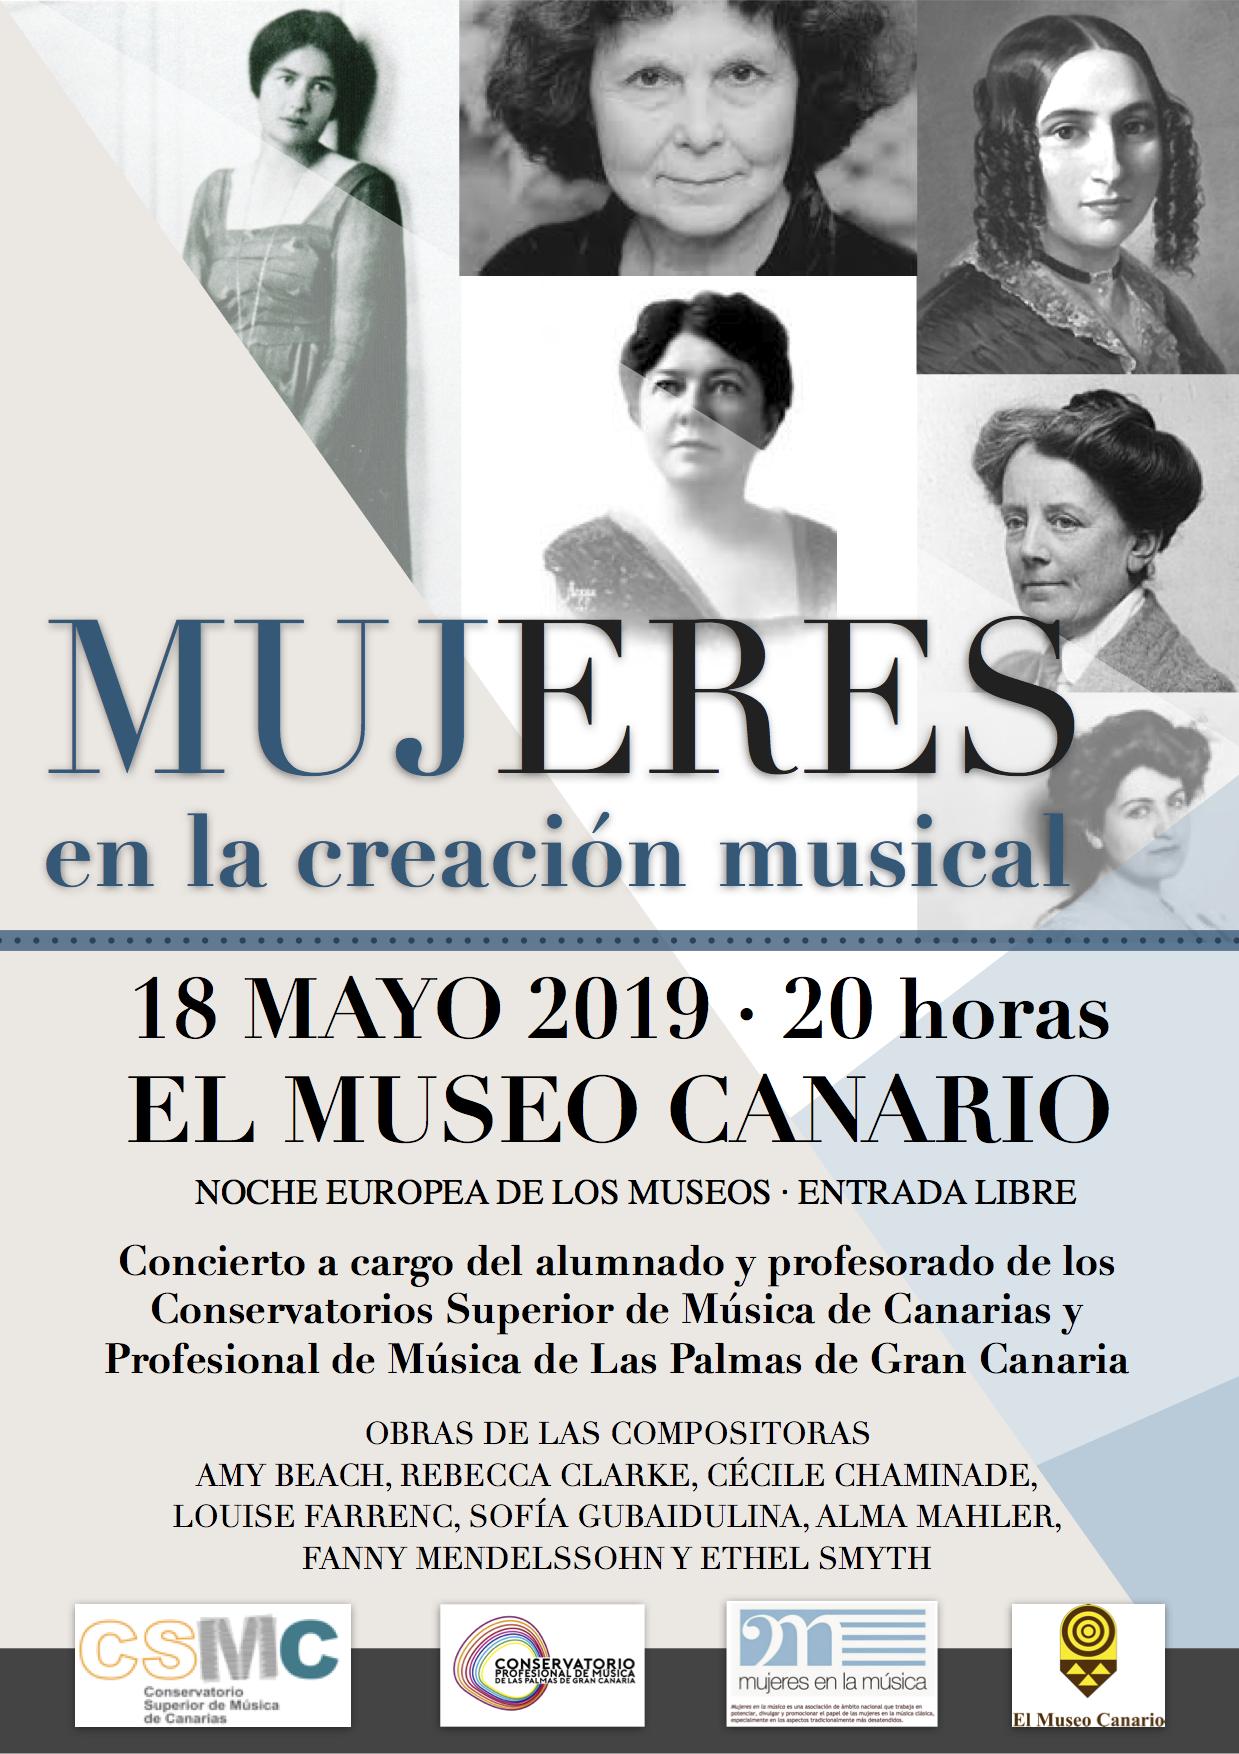 #VMujeresenlasaulas: CSM de Canarias y CPM de Las Palmas de Gran Canaria @ Museo Canario | Madrid | Comunidad de Madrid | España